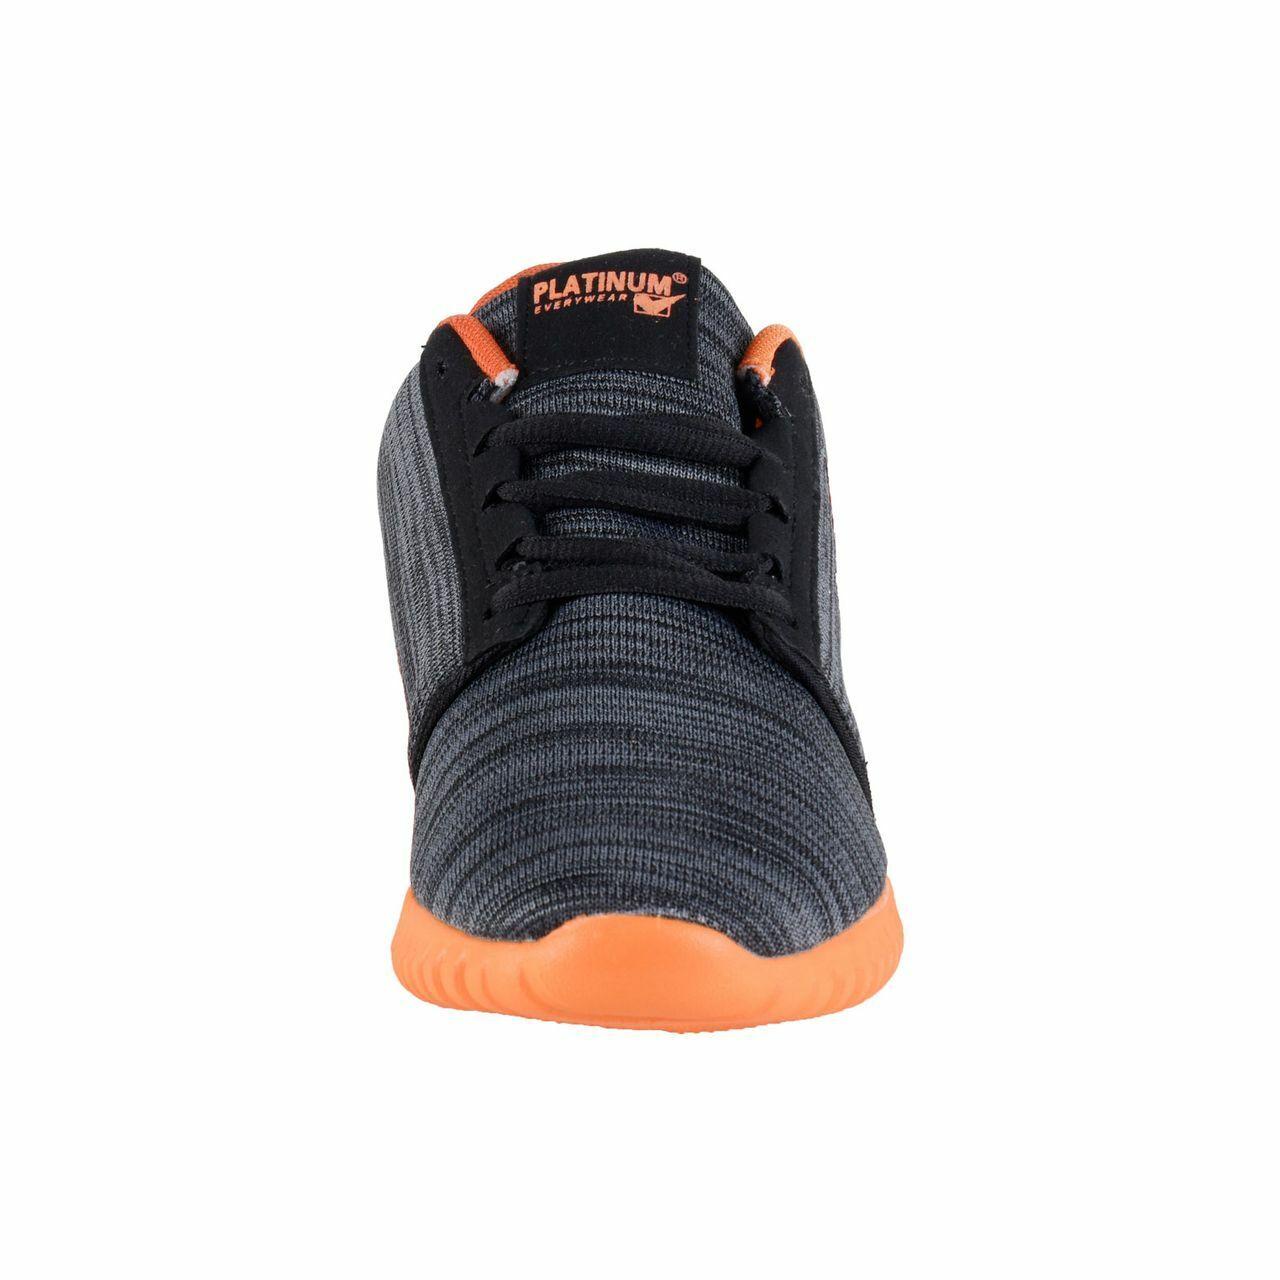 Platinum Femmes Chaussures Décontractées Baskets de Course, Noir Noir Noir Orange 9af8a3